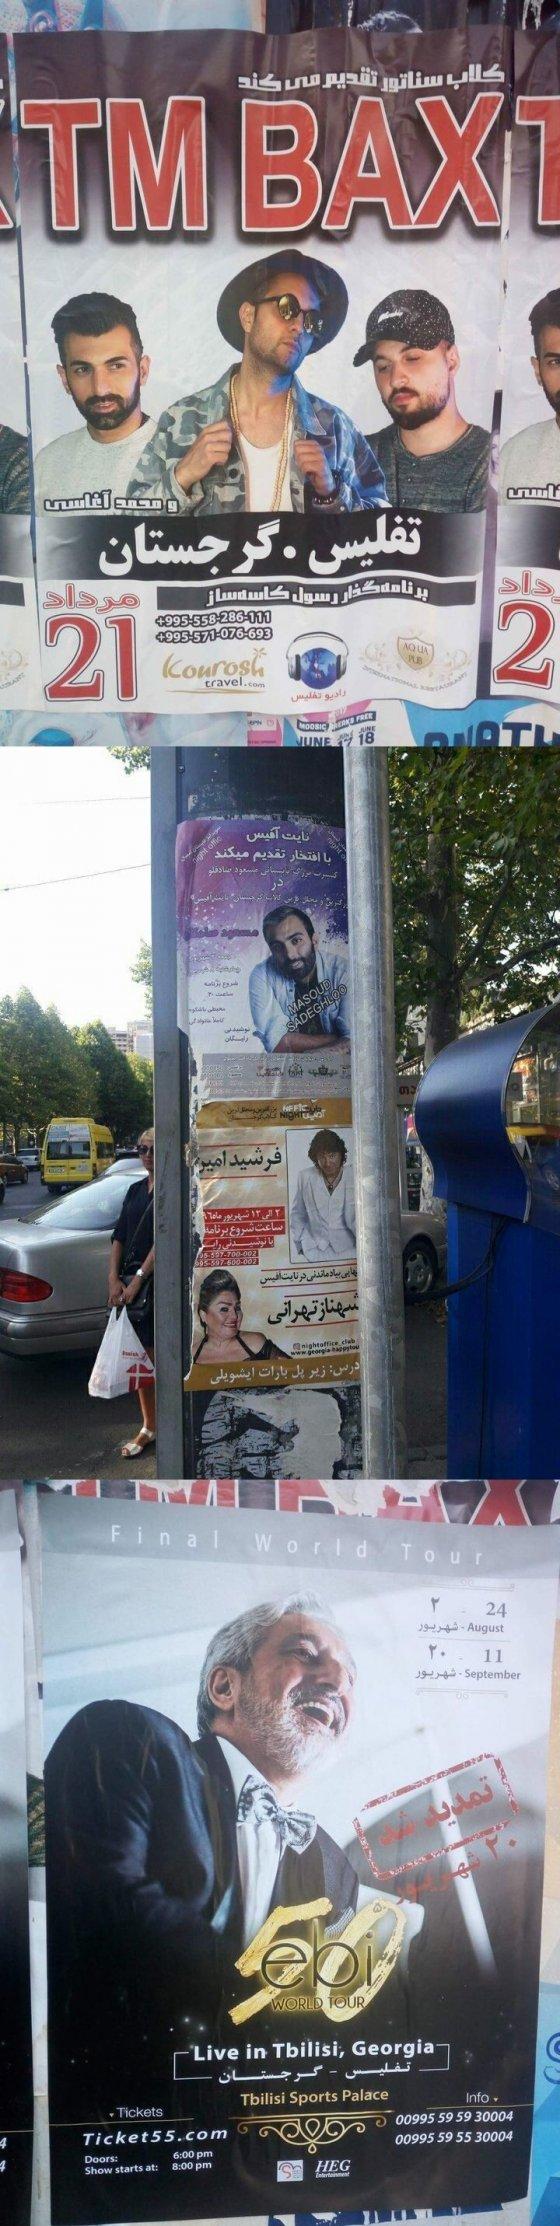 თბილისში მხოლოდ არაბულ ენაზე გამოკრული საკონცერტო აფიშები